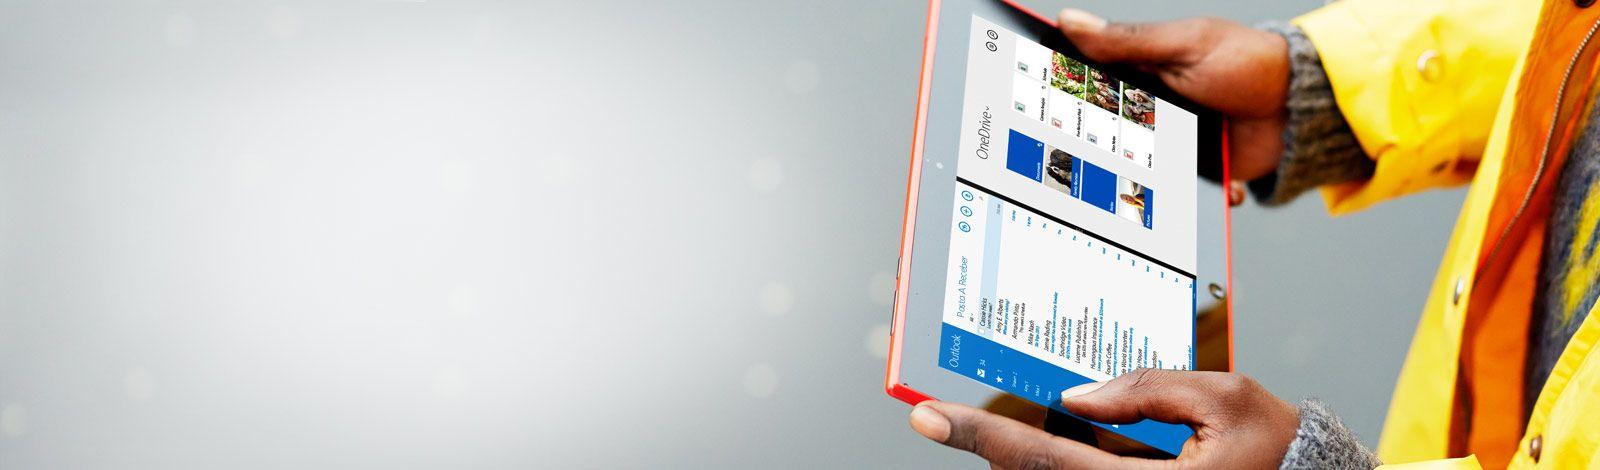 Um homem segurando um tablet em suas mãos. Com o Office 365, você pode trabalhar em praticamente qualquer lugar.